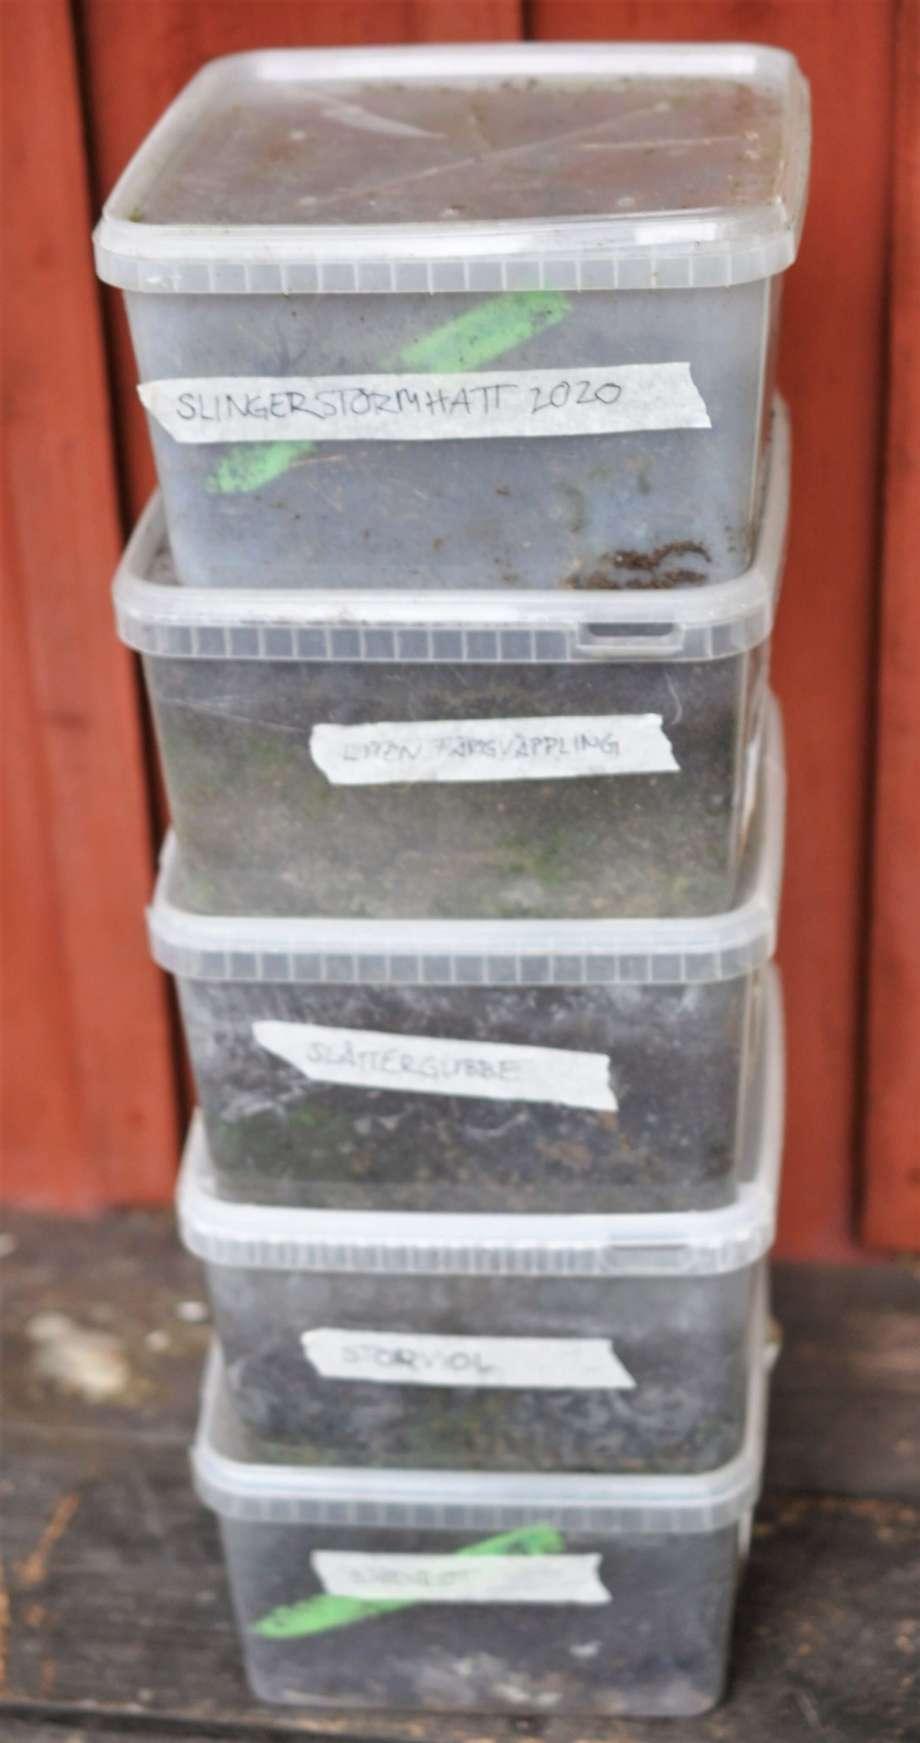 gamla godislådor av genomskinlig plast travade på varandra. Innehåller jord, frön och sticketiketter.